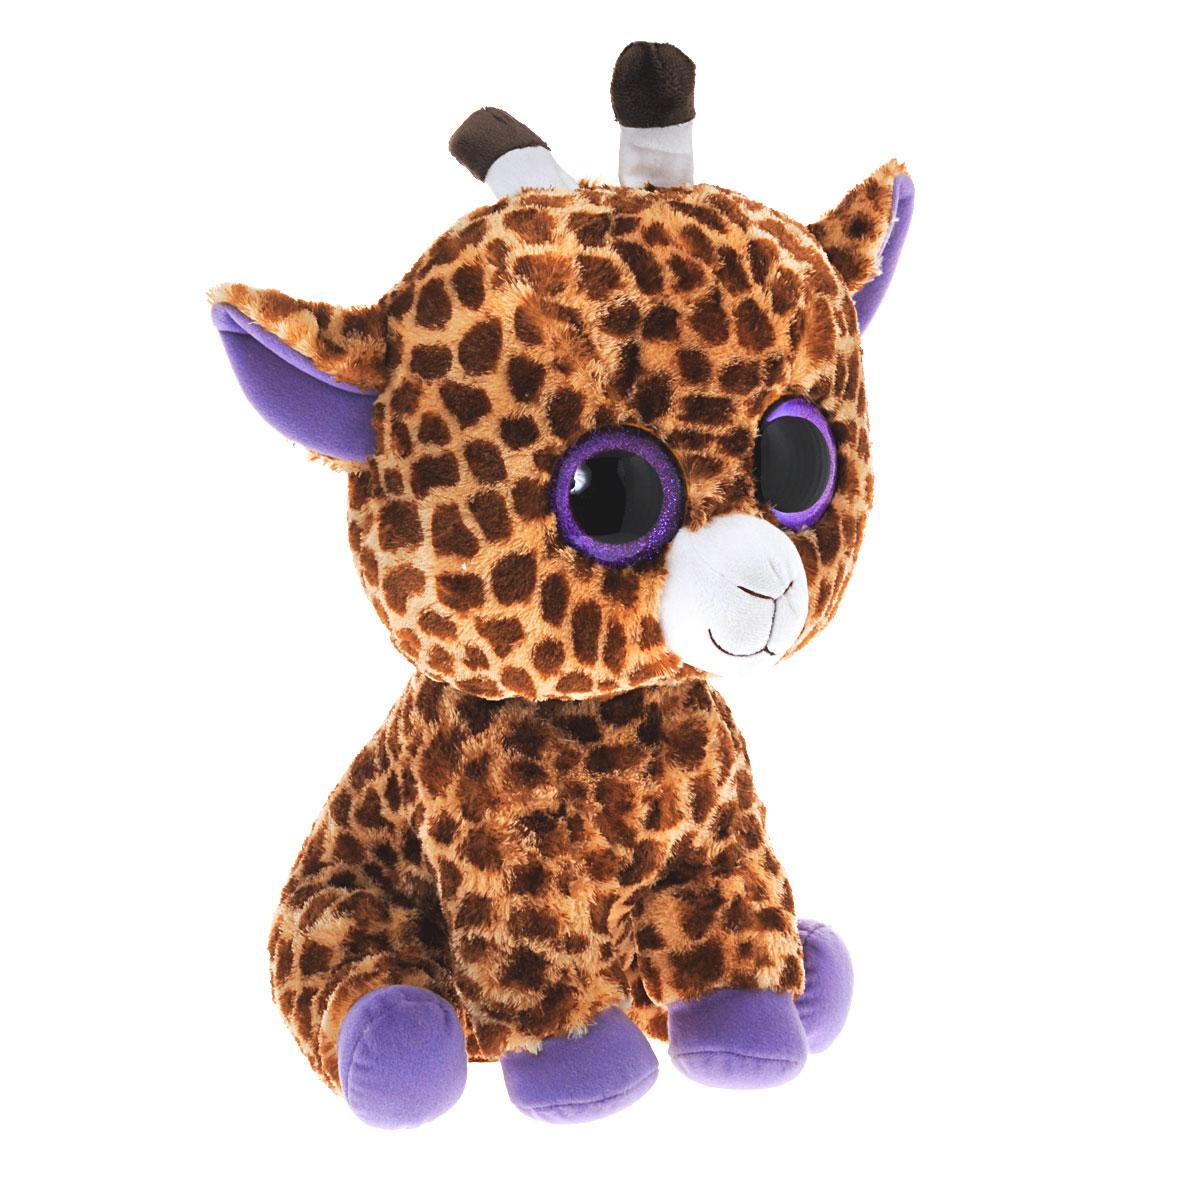 Мягкая игрушка Beanie Boos Жираф Safari, 45 см36801Очаровательная мягкая игрушка Beanie Boos Жираф Safari, выполненная в виде милого жирафика, непременно вызовет улыбку и симпатию и у детей, и у взрослых. Забавный жираф с выразительными фиолетовыми глазками изготовлен из высококачественного мягкого текстильного материала с набивкой из синтепона. Как и все игрушки серии Beanie Boos, эта игрушка изготовлена вручную, с любовью и вниманием к деталям. Удивительно мягкая игрушка принесет радость и подарит своему обладателю мгновения нежных объятий и приятных воспоминаний. Великолепное качество исполнения делают эту игрушку чудесным подарком к любому празднику. Трогательная и симпатичная, она непременно порадует детей и взрослых.